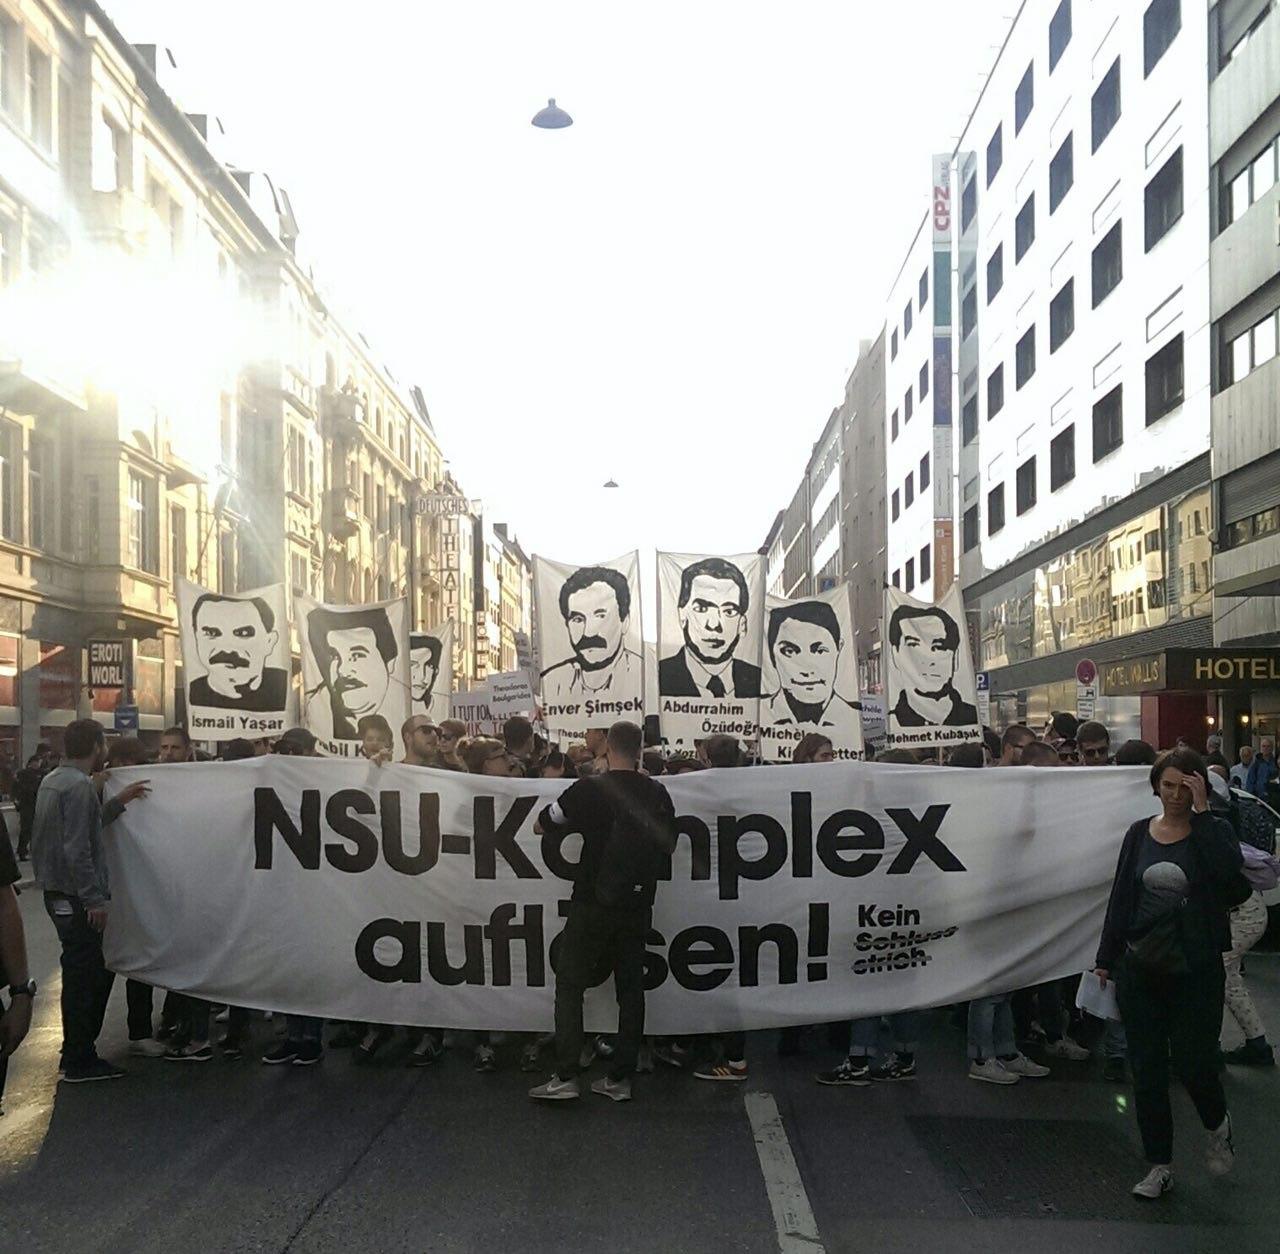 München im Frühsommer: Ein Rückblick auf die Urteilsverkündung im NSU Prozess